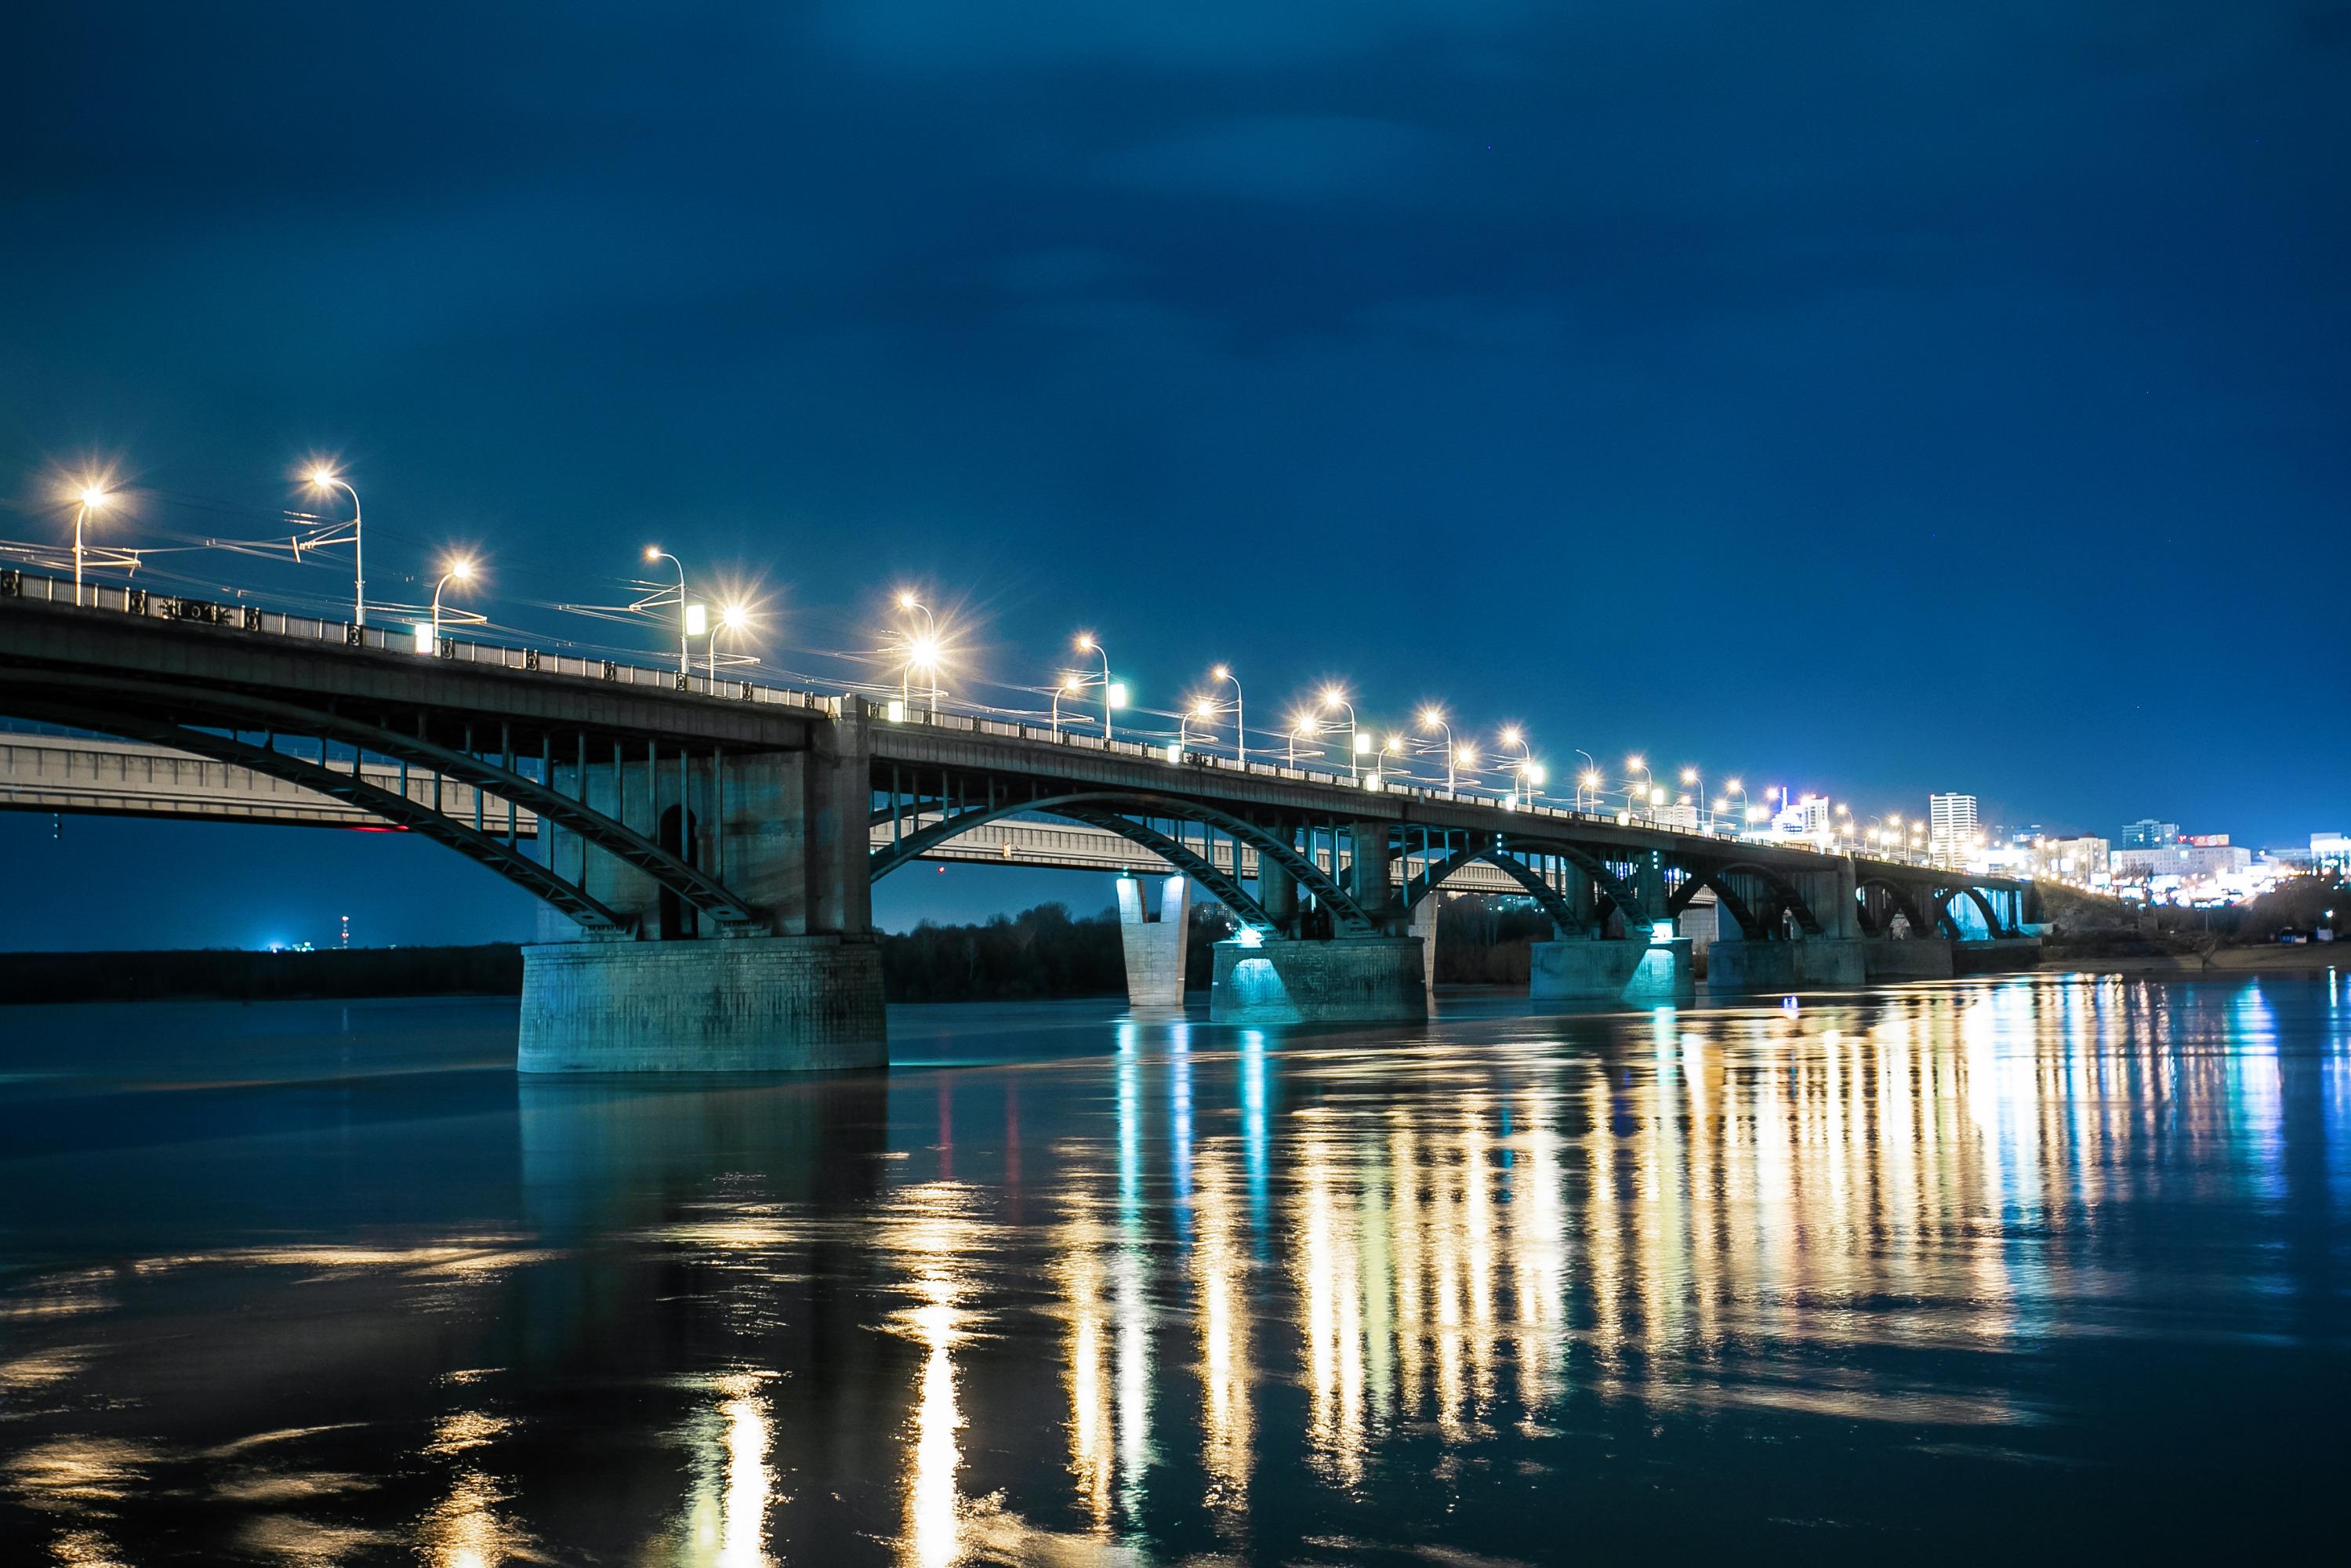 Ночной город новосибирск картинки